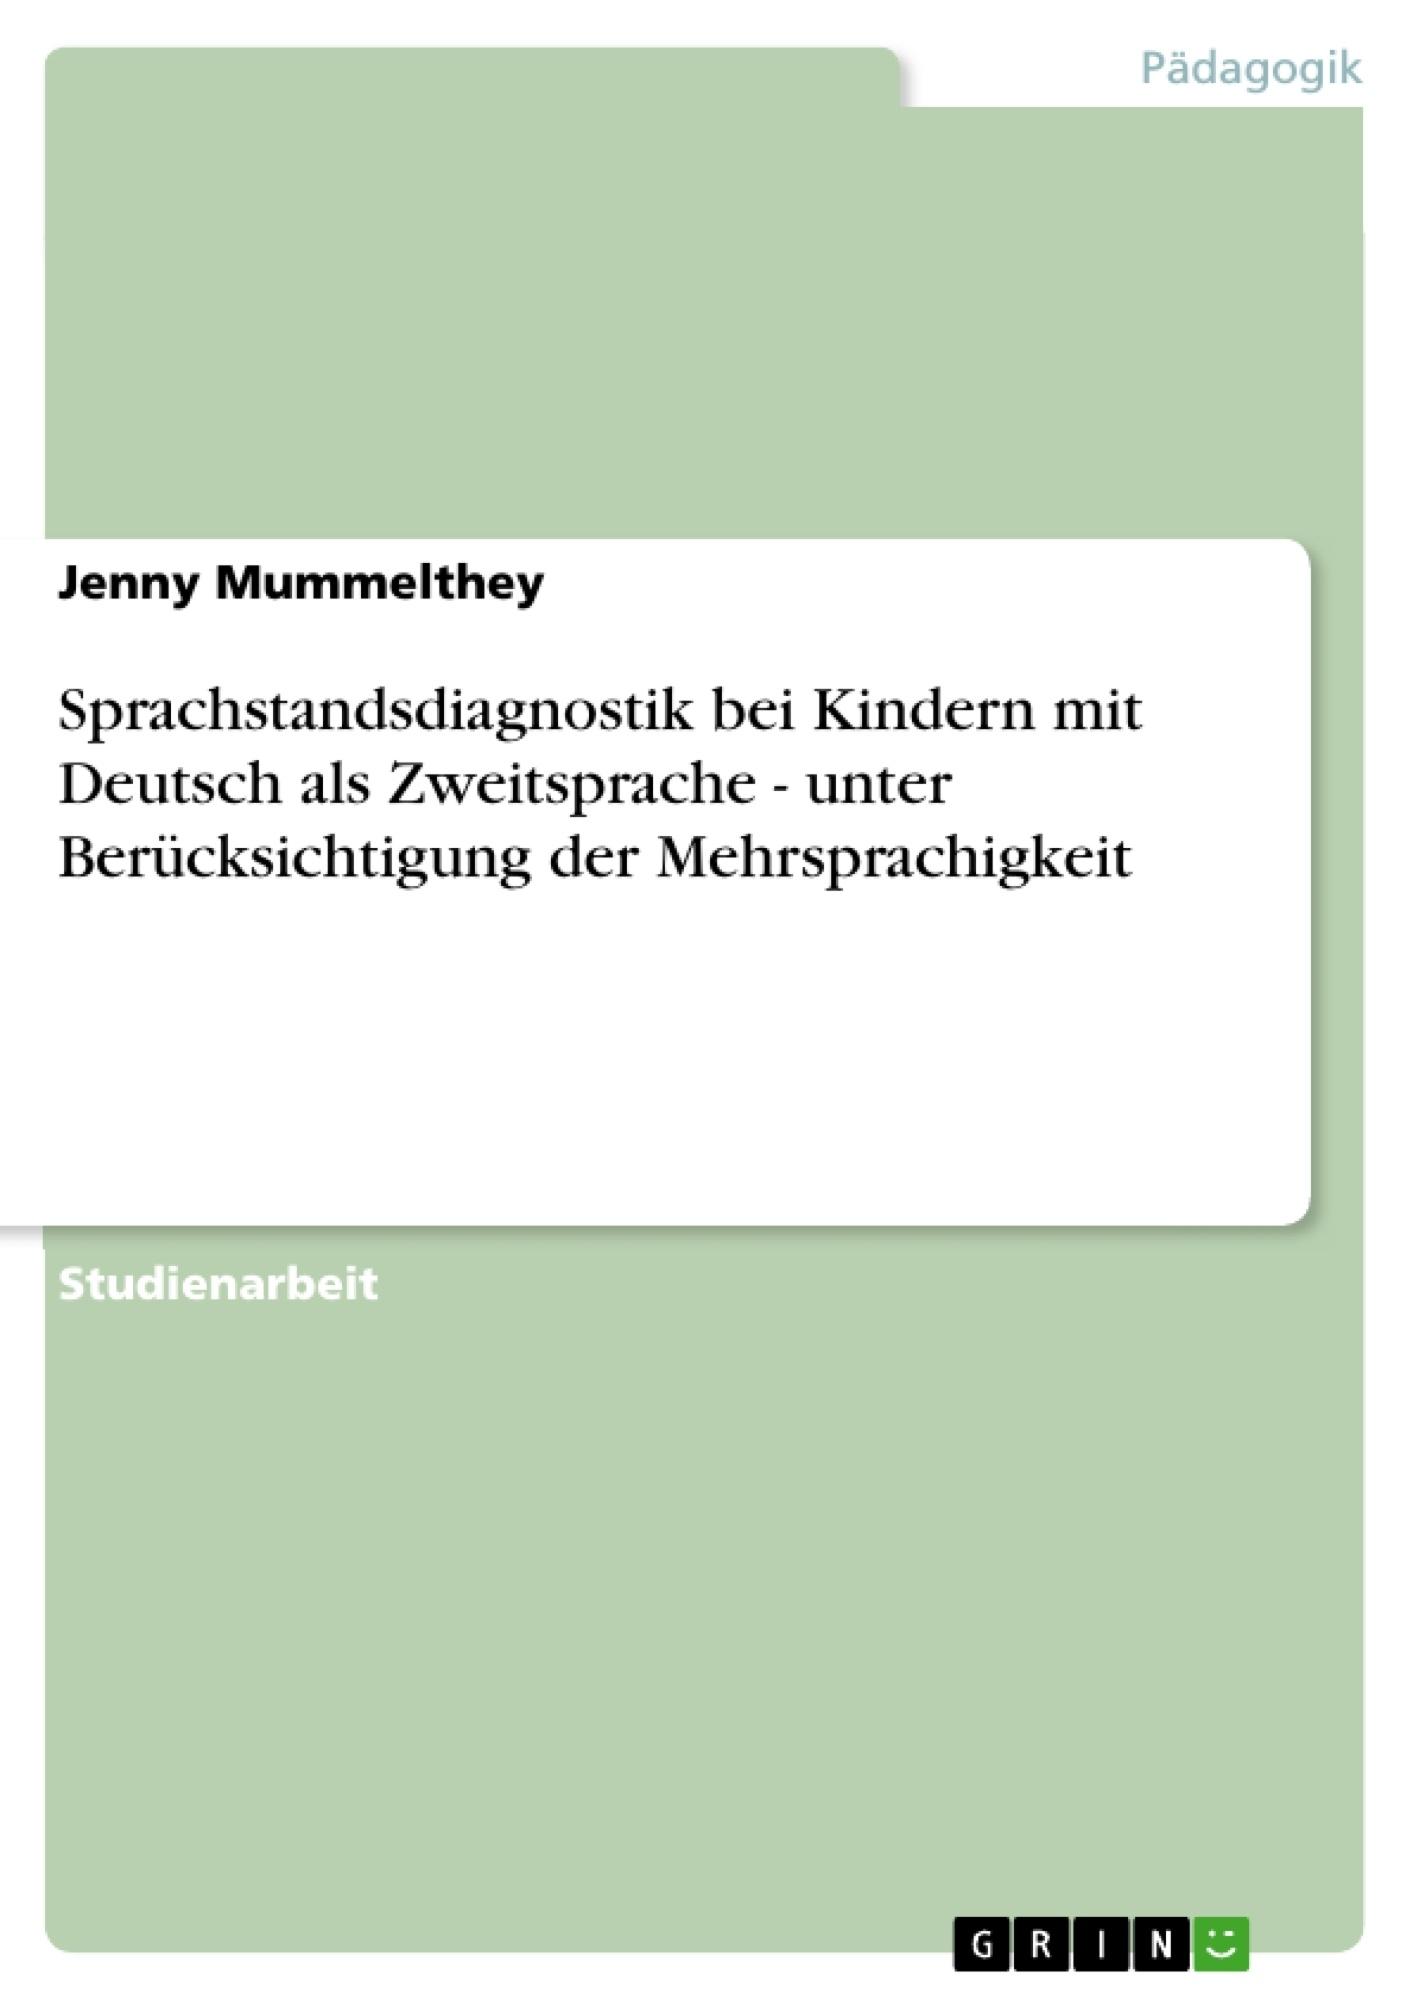 Titel: Sprachstandsdiagnostik bei Kindern mit Deutsch als Zweitsprache - unter Berücksichtigung der Mehrsprachigkeit